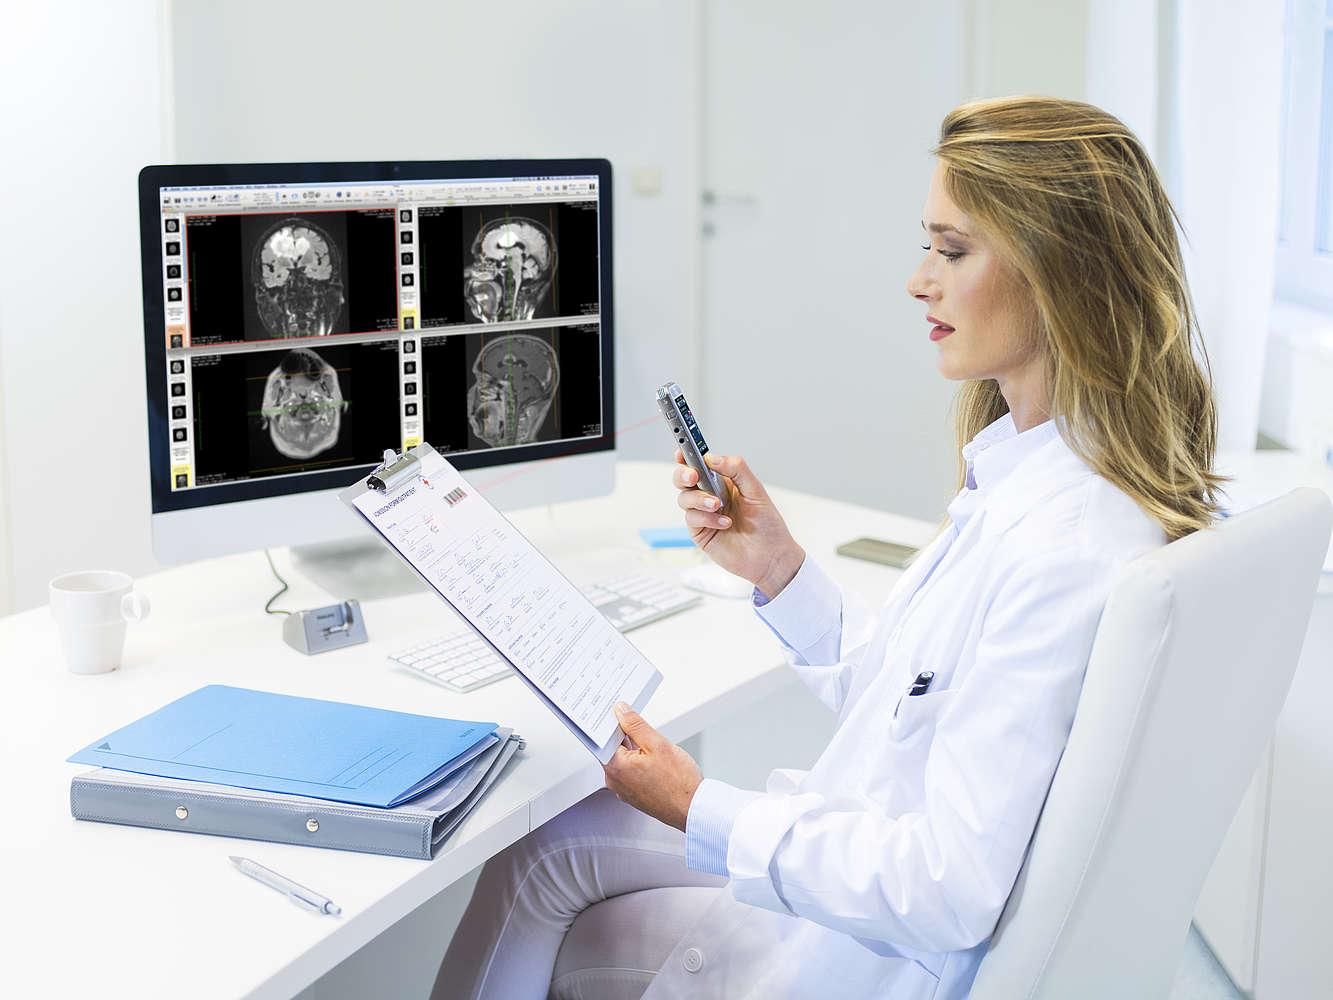 Grabador y dictado digital para el profesional de la salud